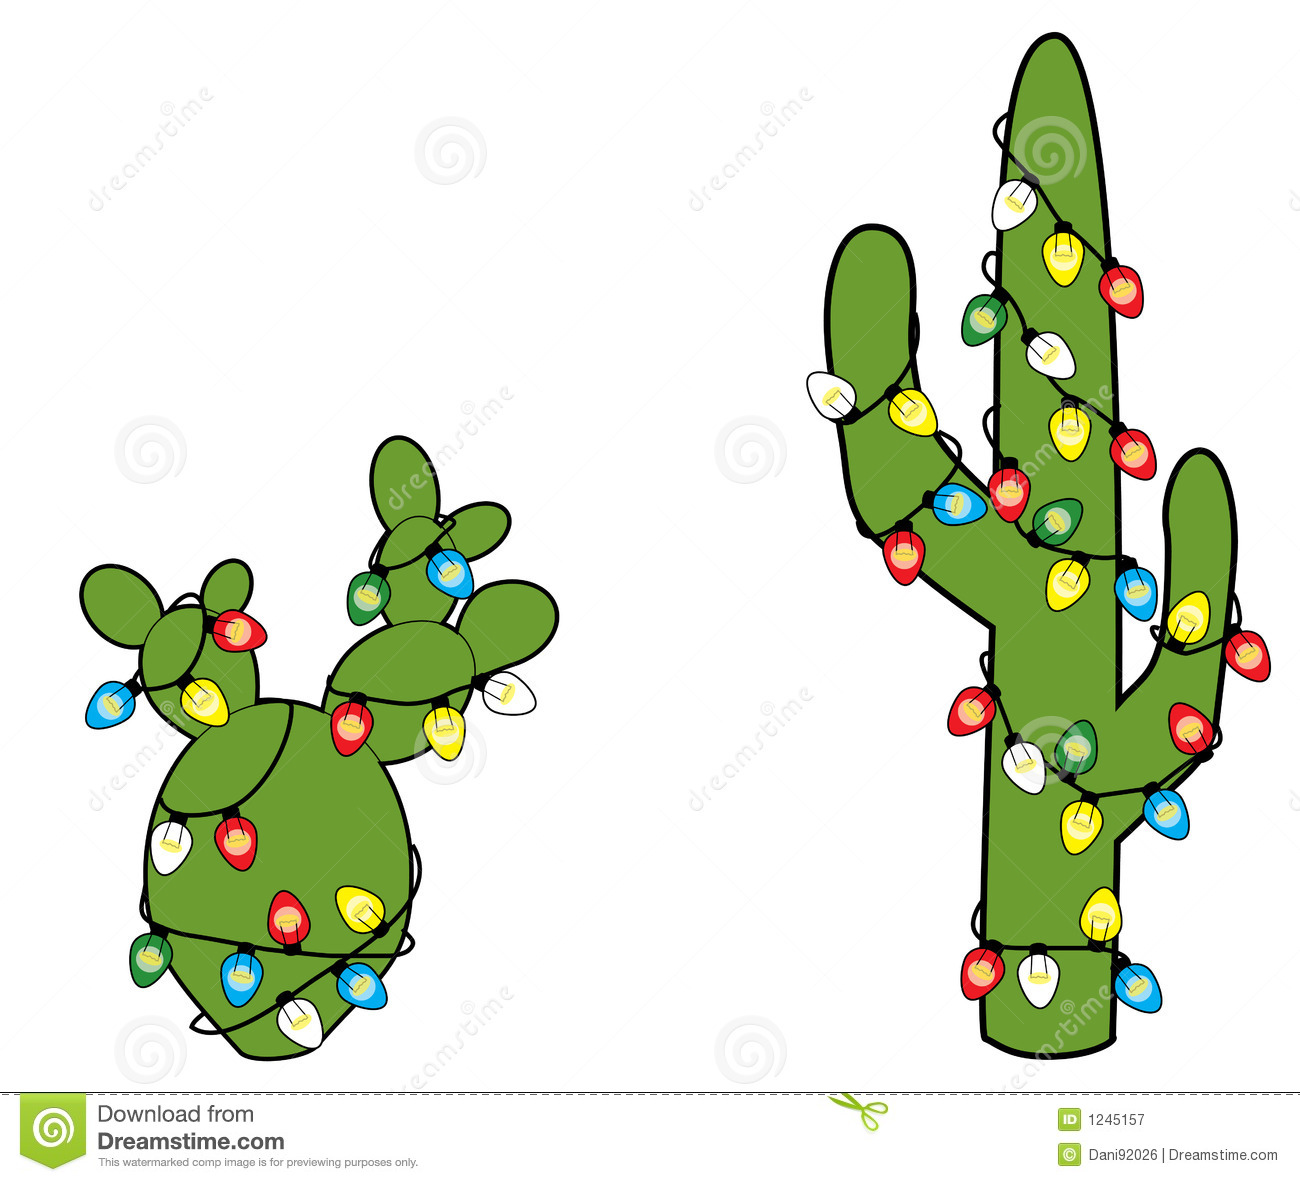 saguaro cactus clipart at getdrawings com free for personal use rh getdrawings com clipart cactus free clipart cactus cute